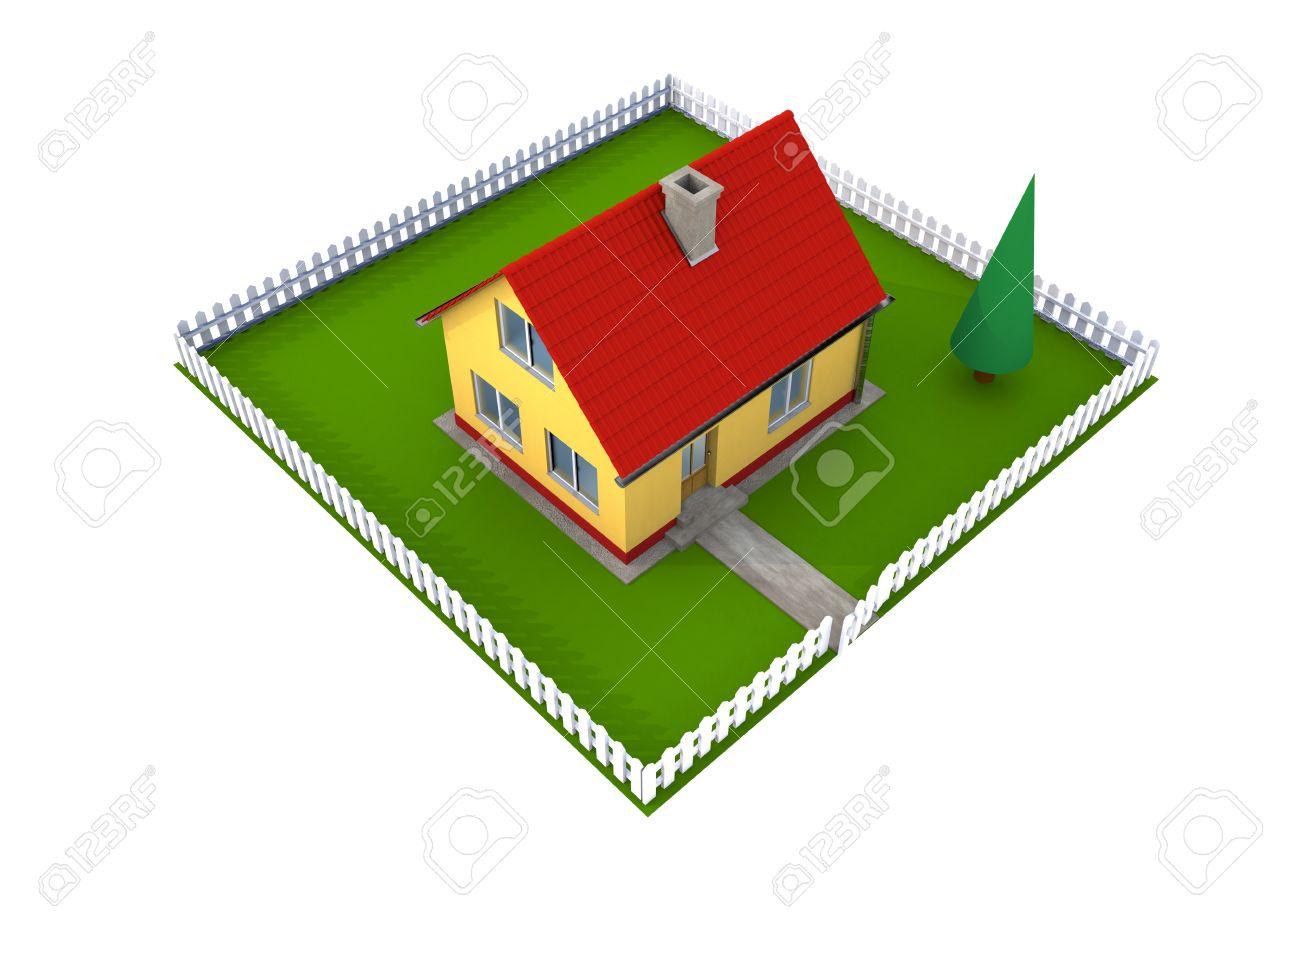 Kleines Einfamilienhaus Mit Rotem Dach Und Grünen Innenhof Mit.